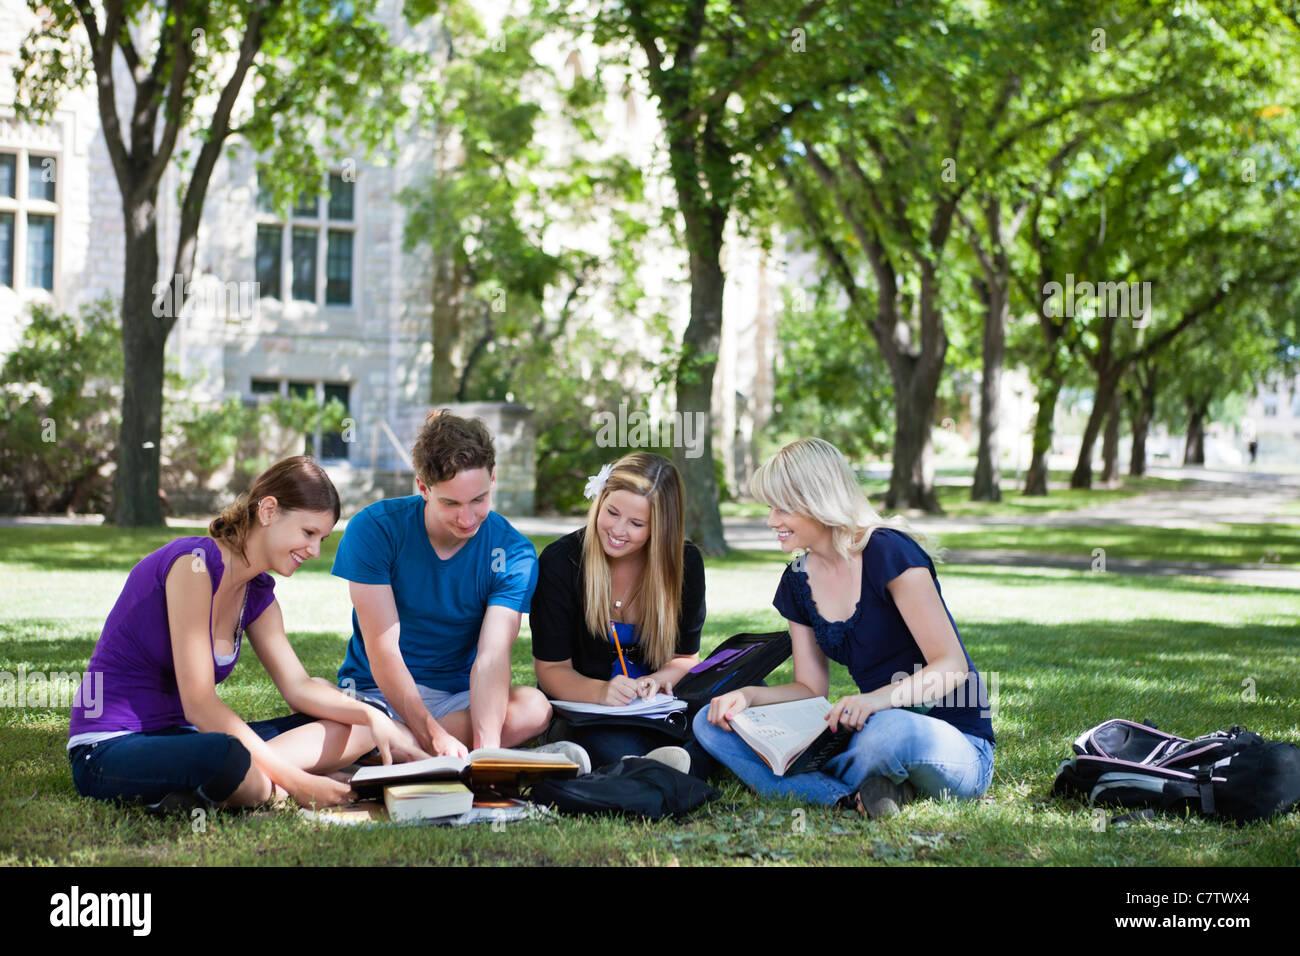 Студенты фотографии посмотреть бесплатно 10 фотография